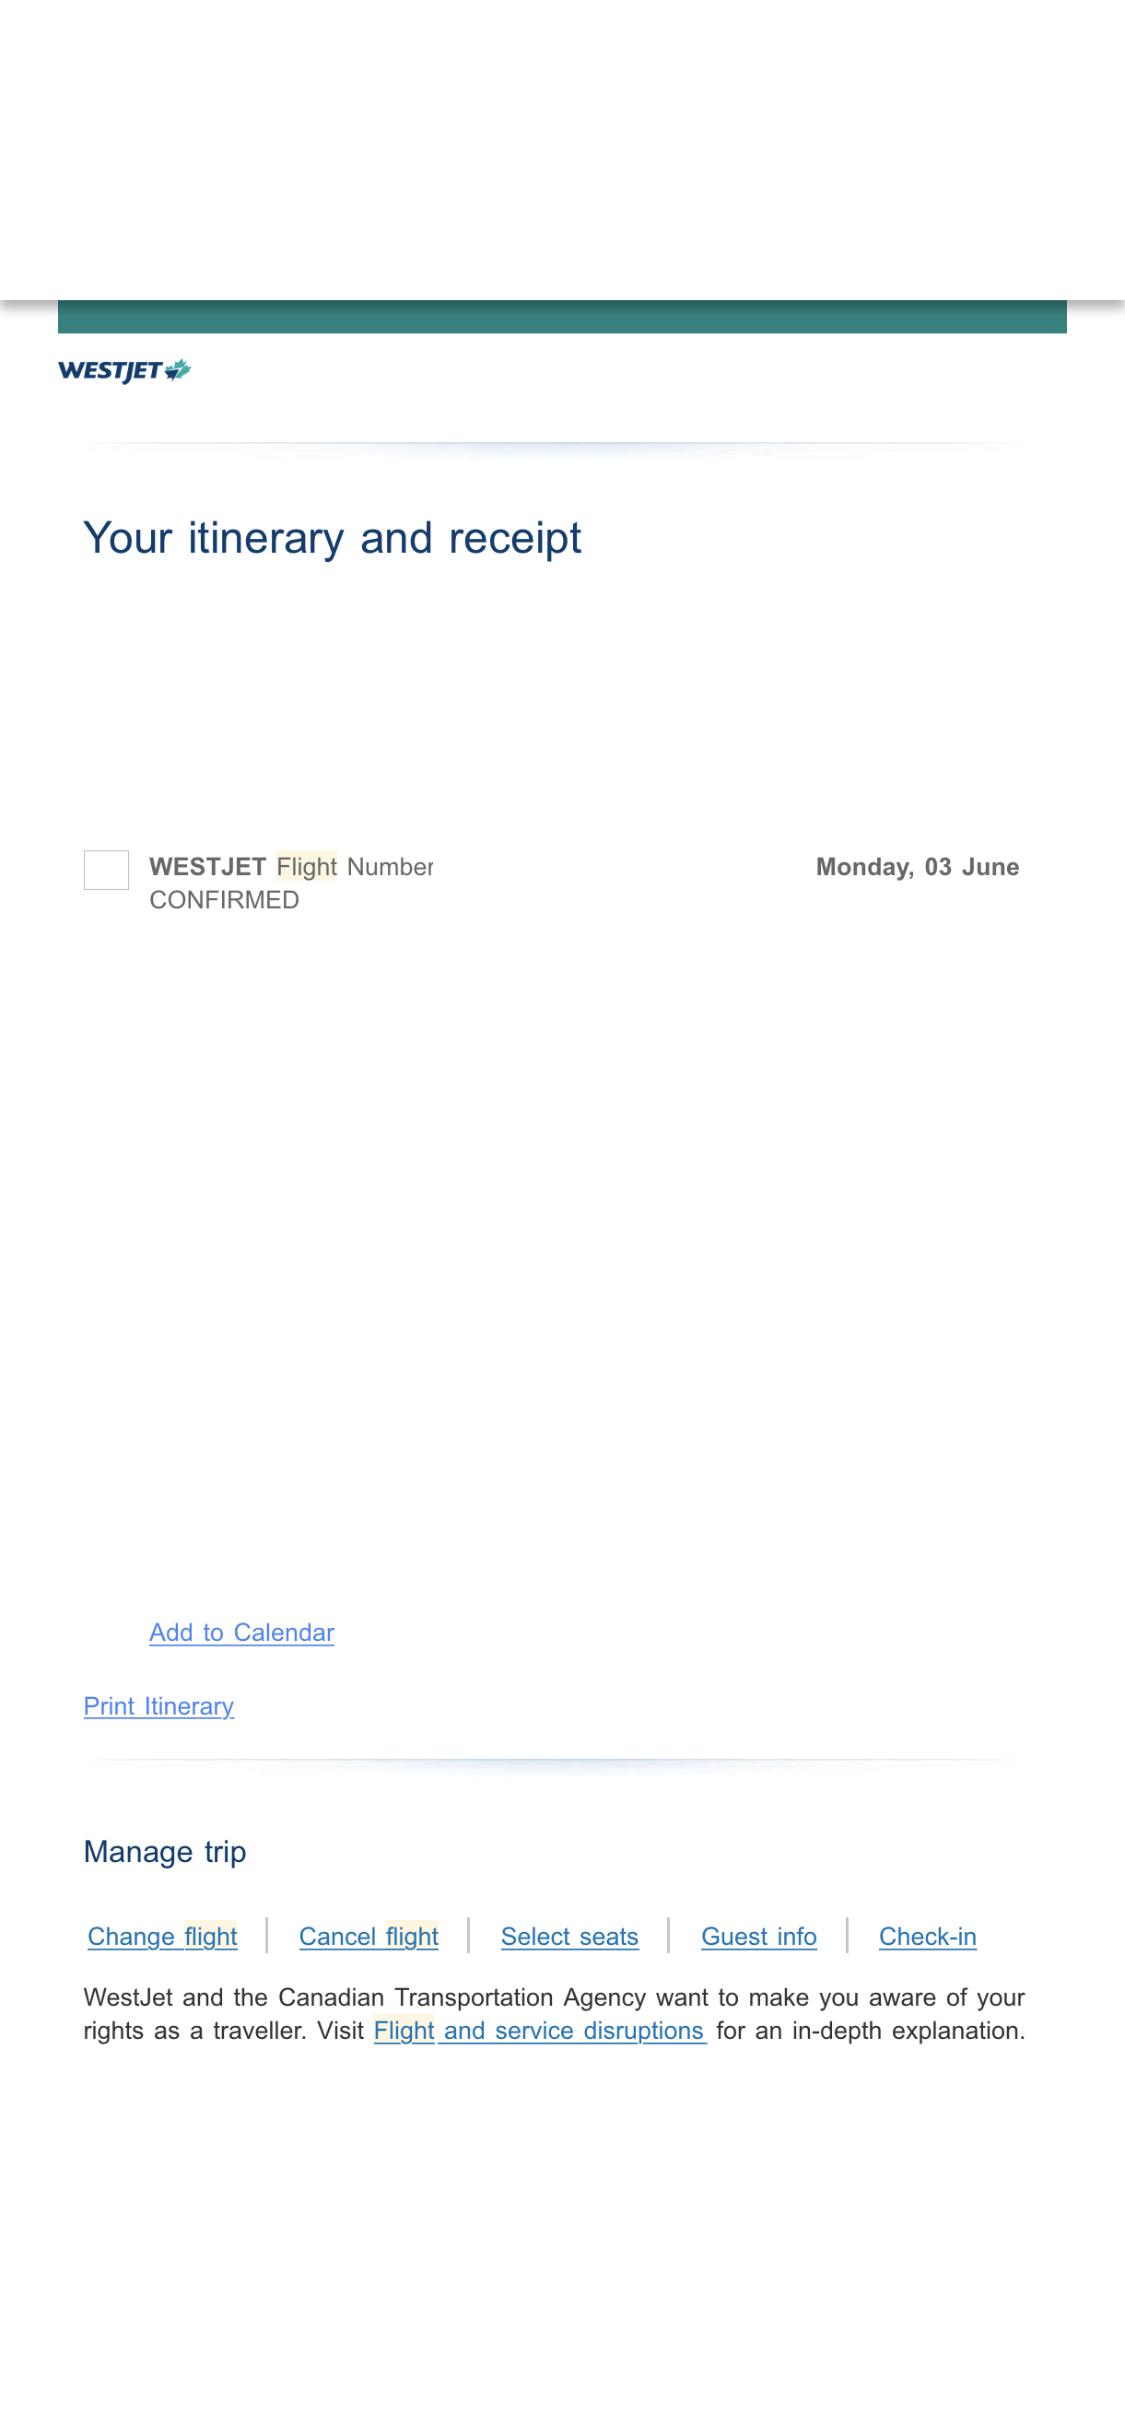 Airline Westjet Dates.PNG